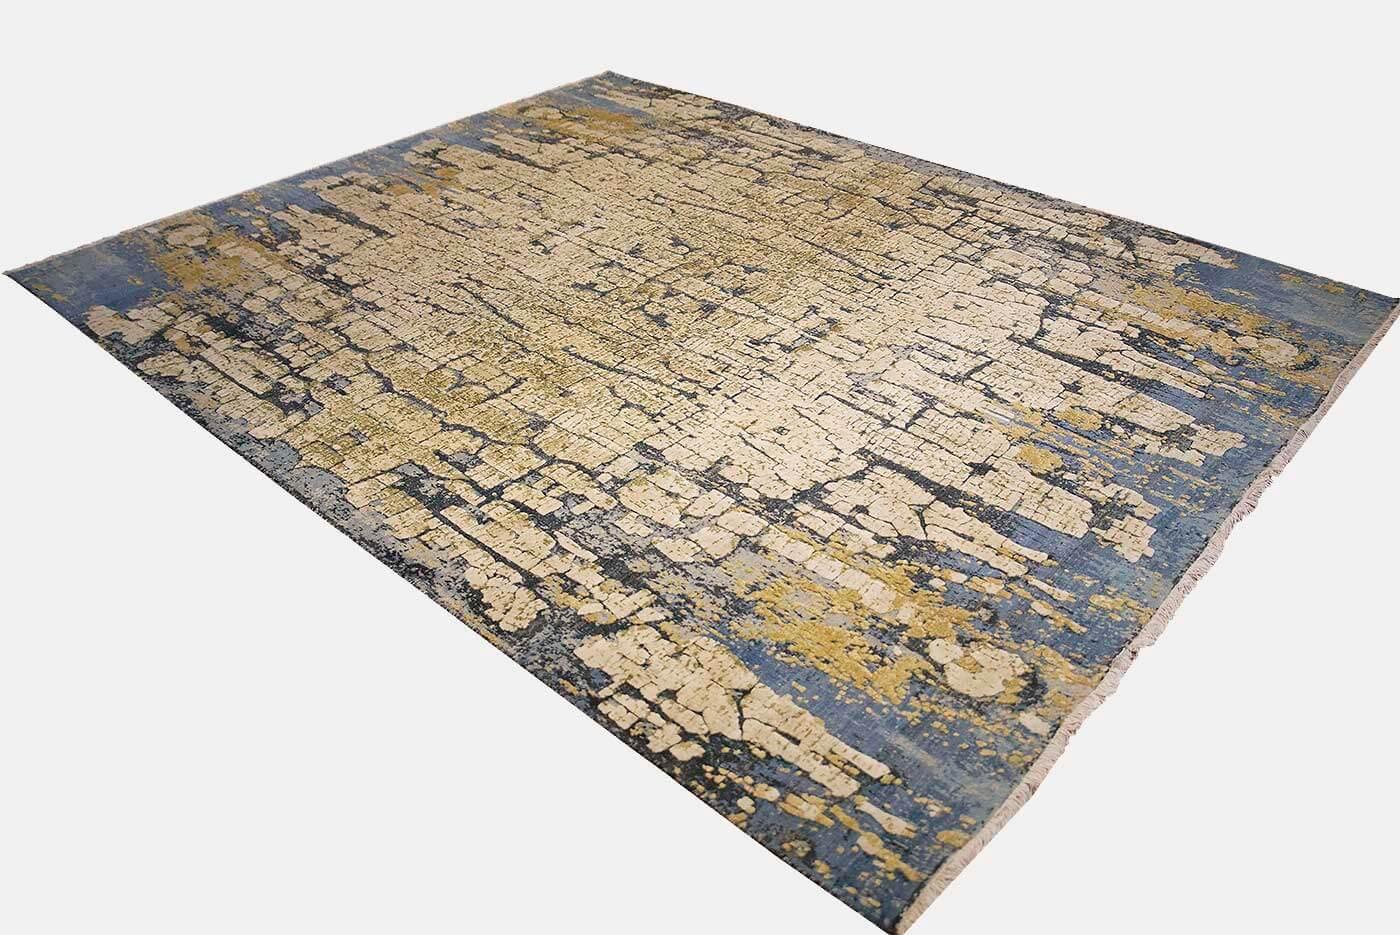 chelsea_design_oxidised_tapijt_moderne_tapijten_koreman_maastricht_305x244_blauw_creme_beige_schuin